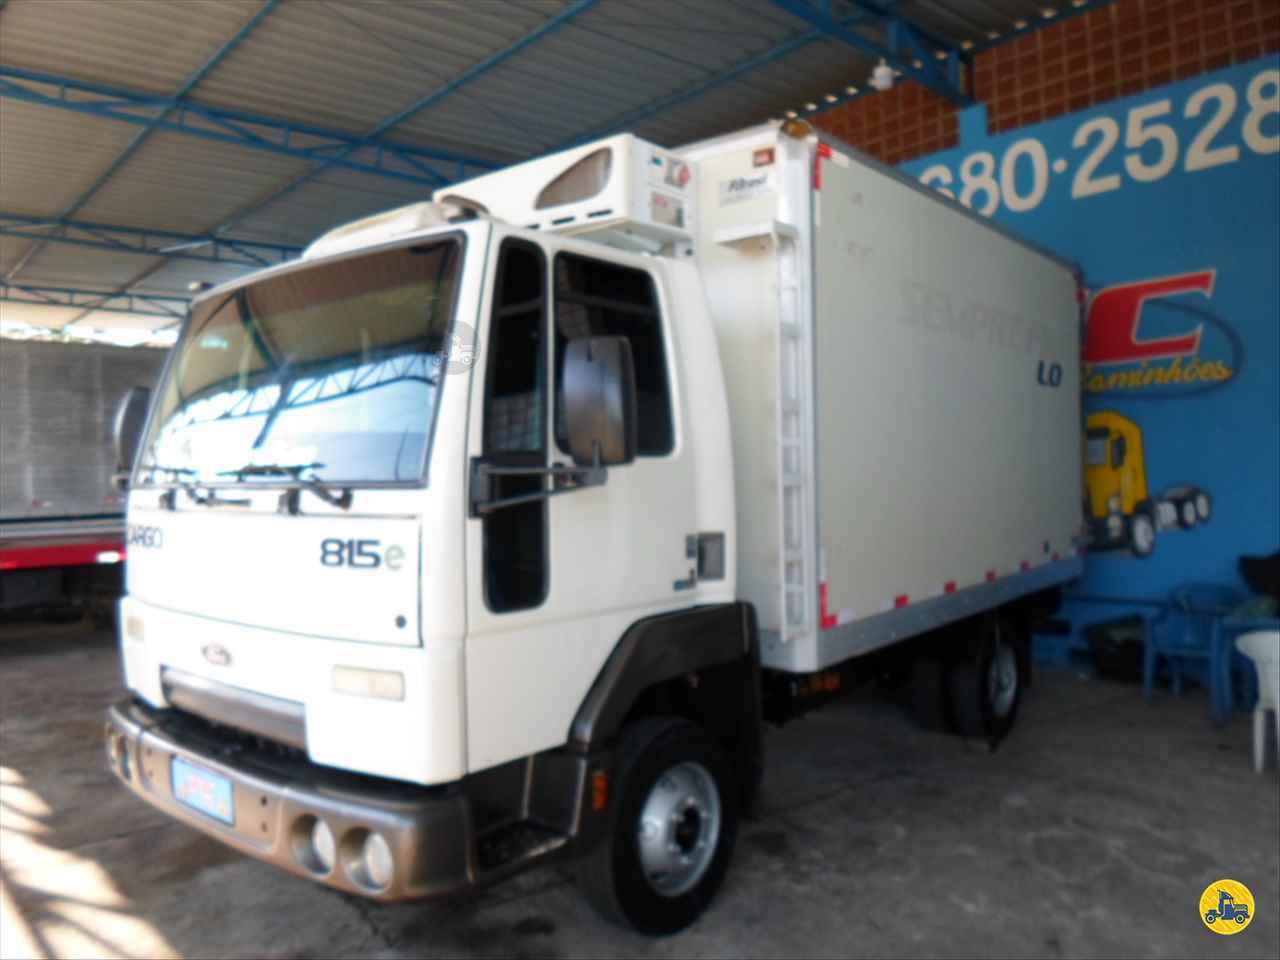 CAMINHAO FORD CARGO 815 Baú Frigorífico 3/4 4x2 TC Caminhões  BELO HORIZONTE MINAS GERAIS MG